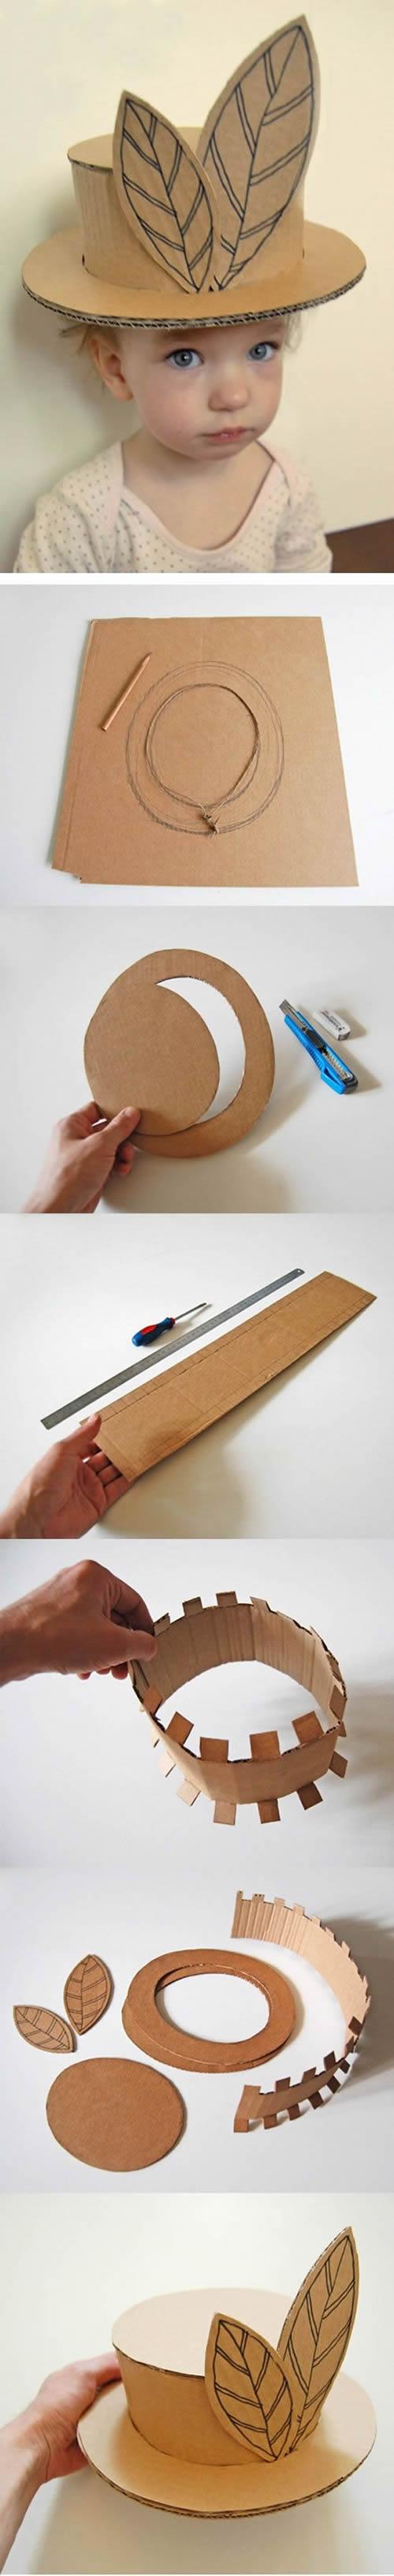 Brinquedos com Caixa de Papelão